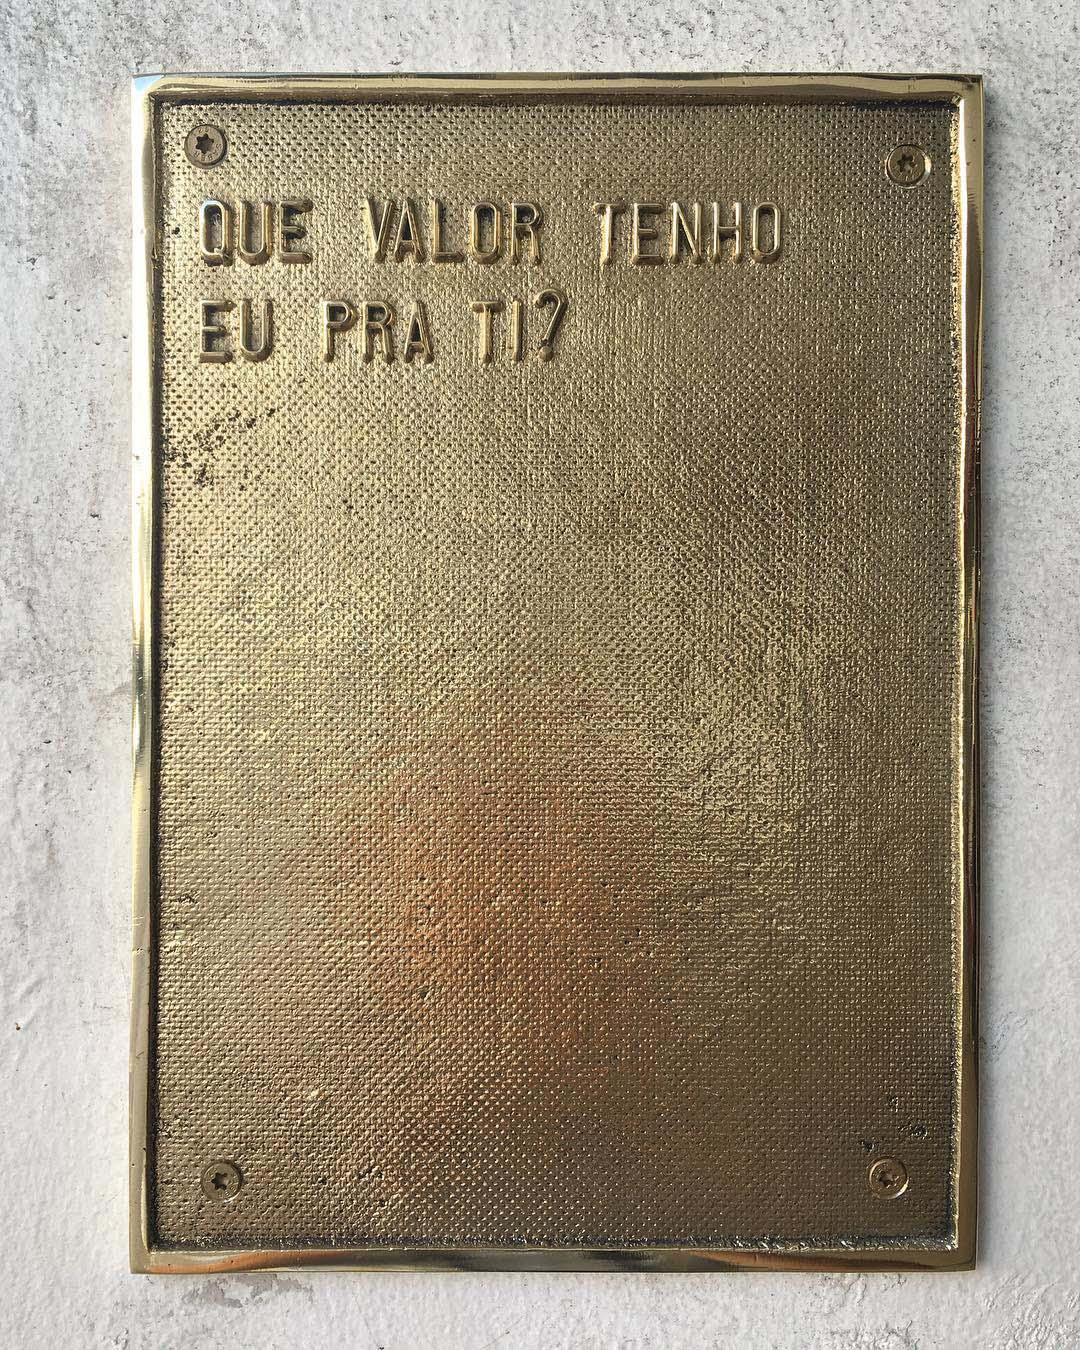 Ivan Grilo, Que valor tenho eu pra ti?, 2018, fundição em bronze